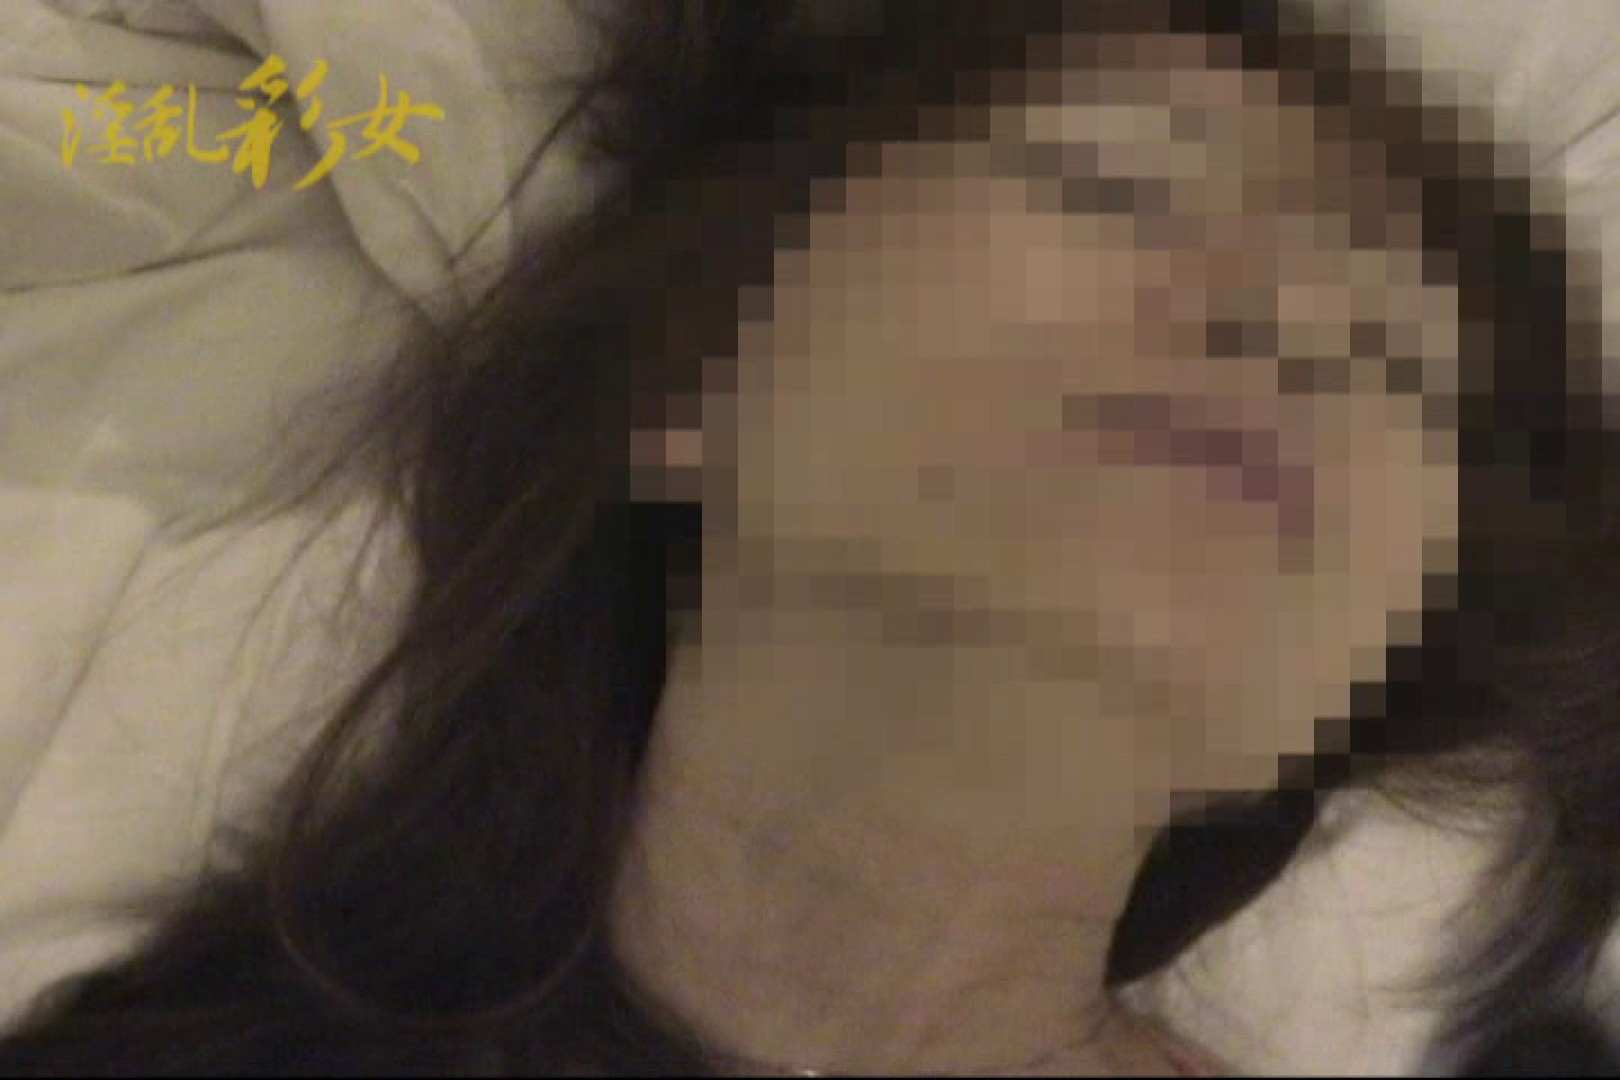 淫乱彩女 麻優里 貸出しの後で 超エロ人妻 AV動画キャプチャ 88枚 52